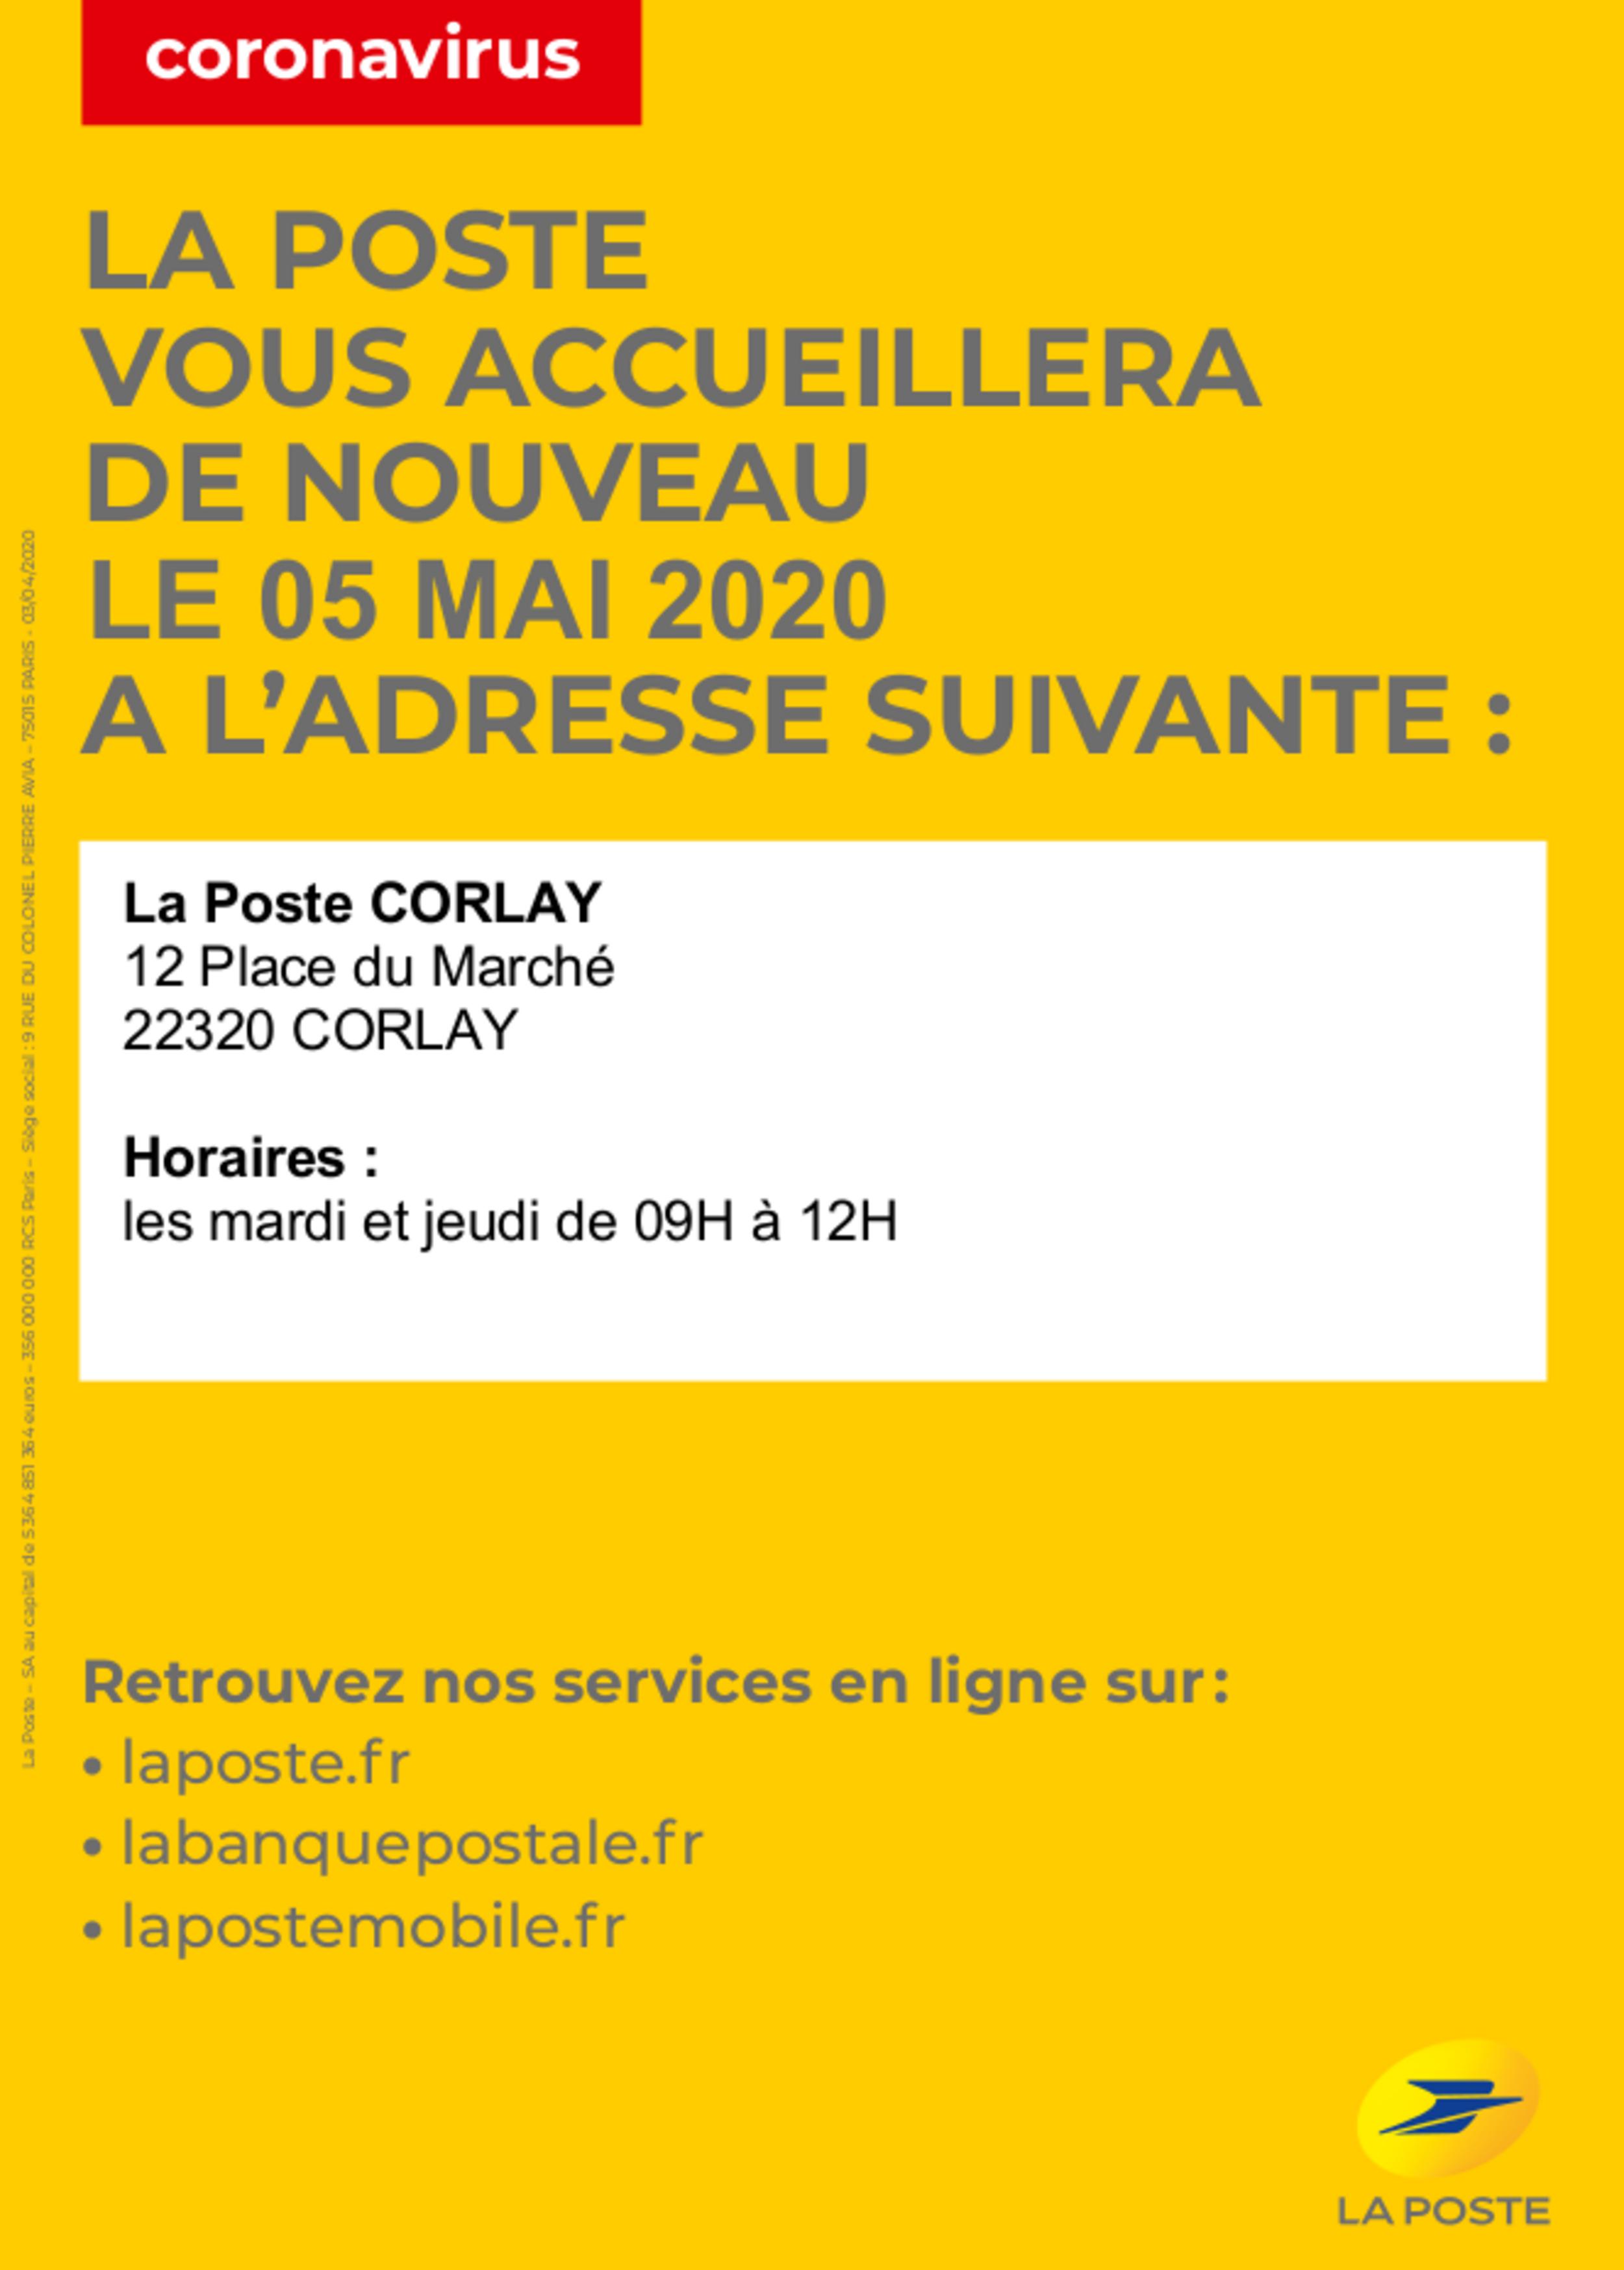 Réouverture de la Poste de Corlay le 5 Mai